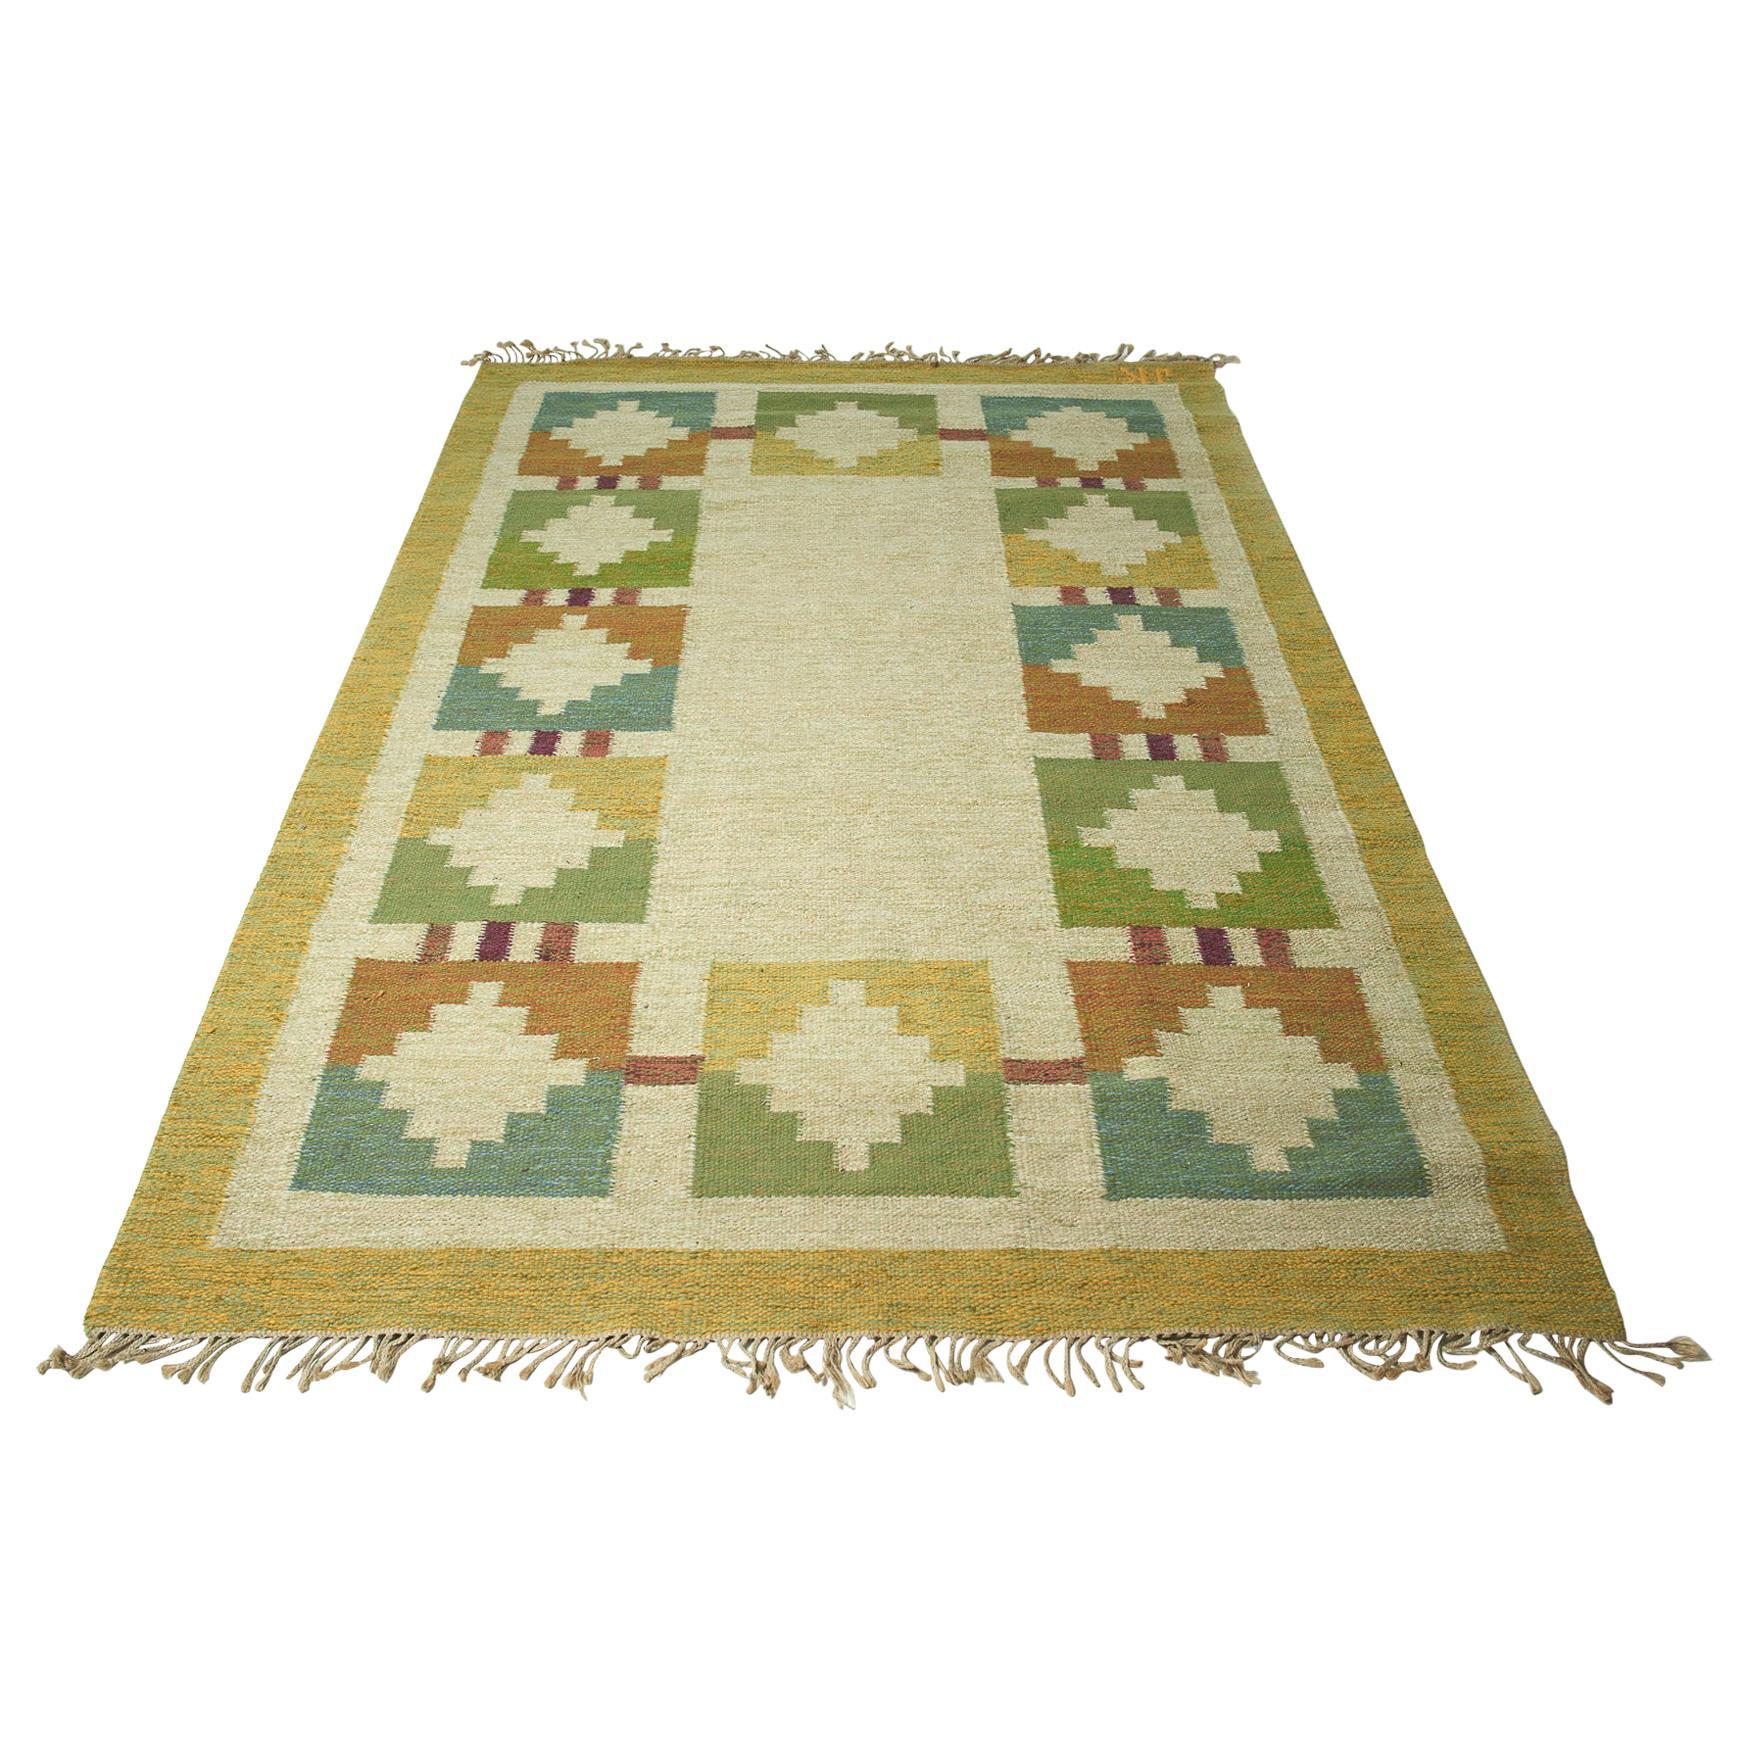 Vintage Swedish Flat-Weave Wood Carpet Signed by Karin Jönsson